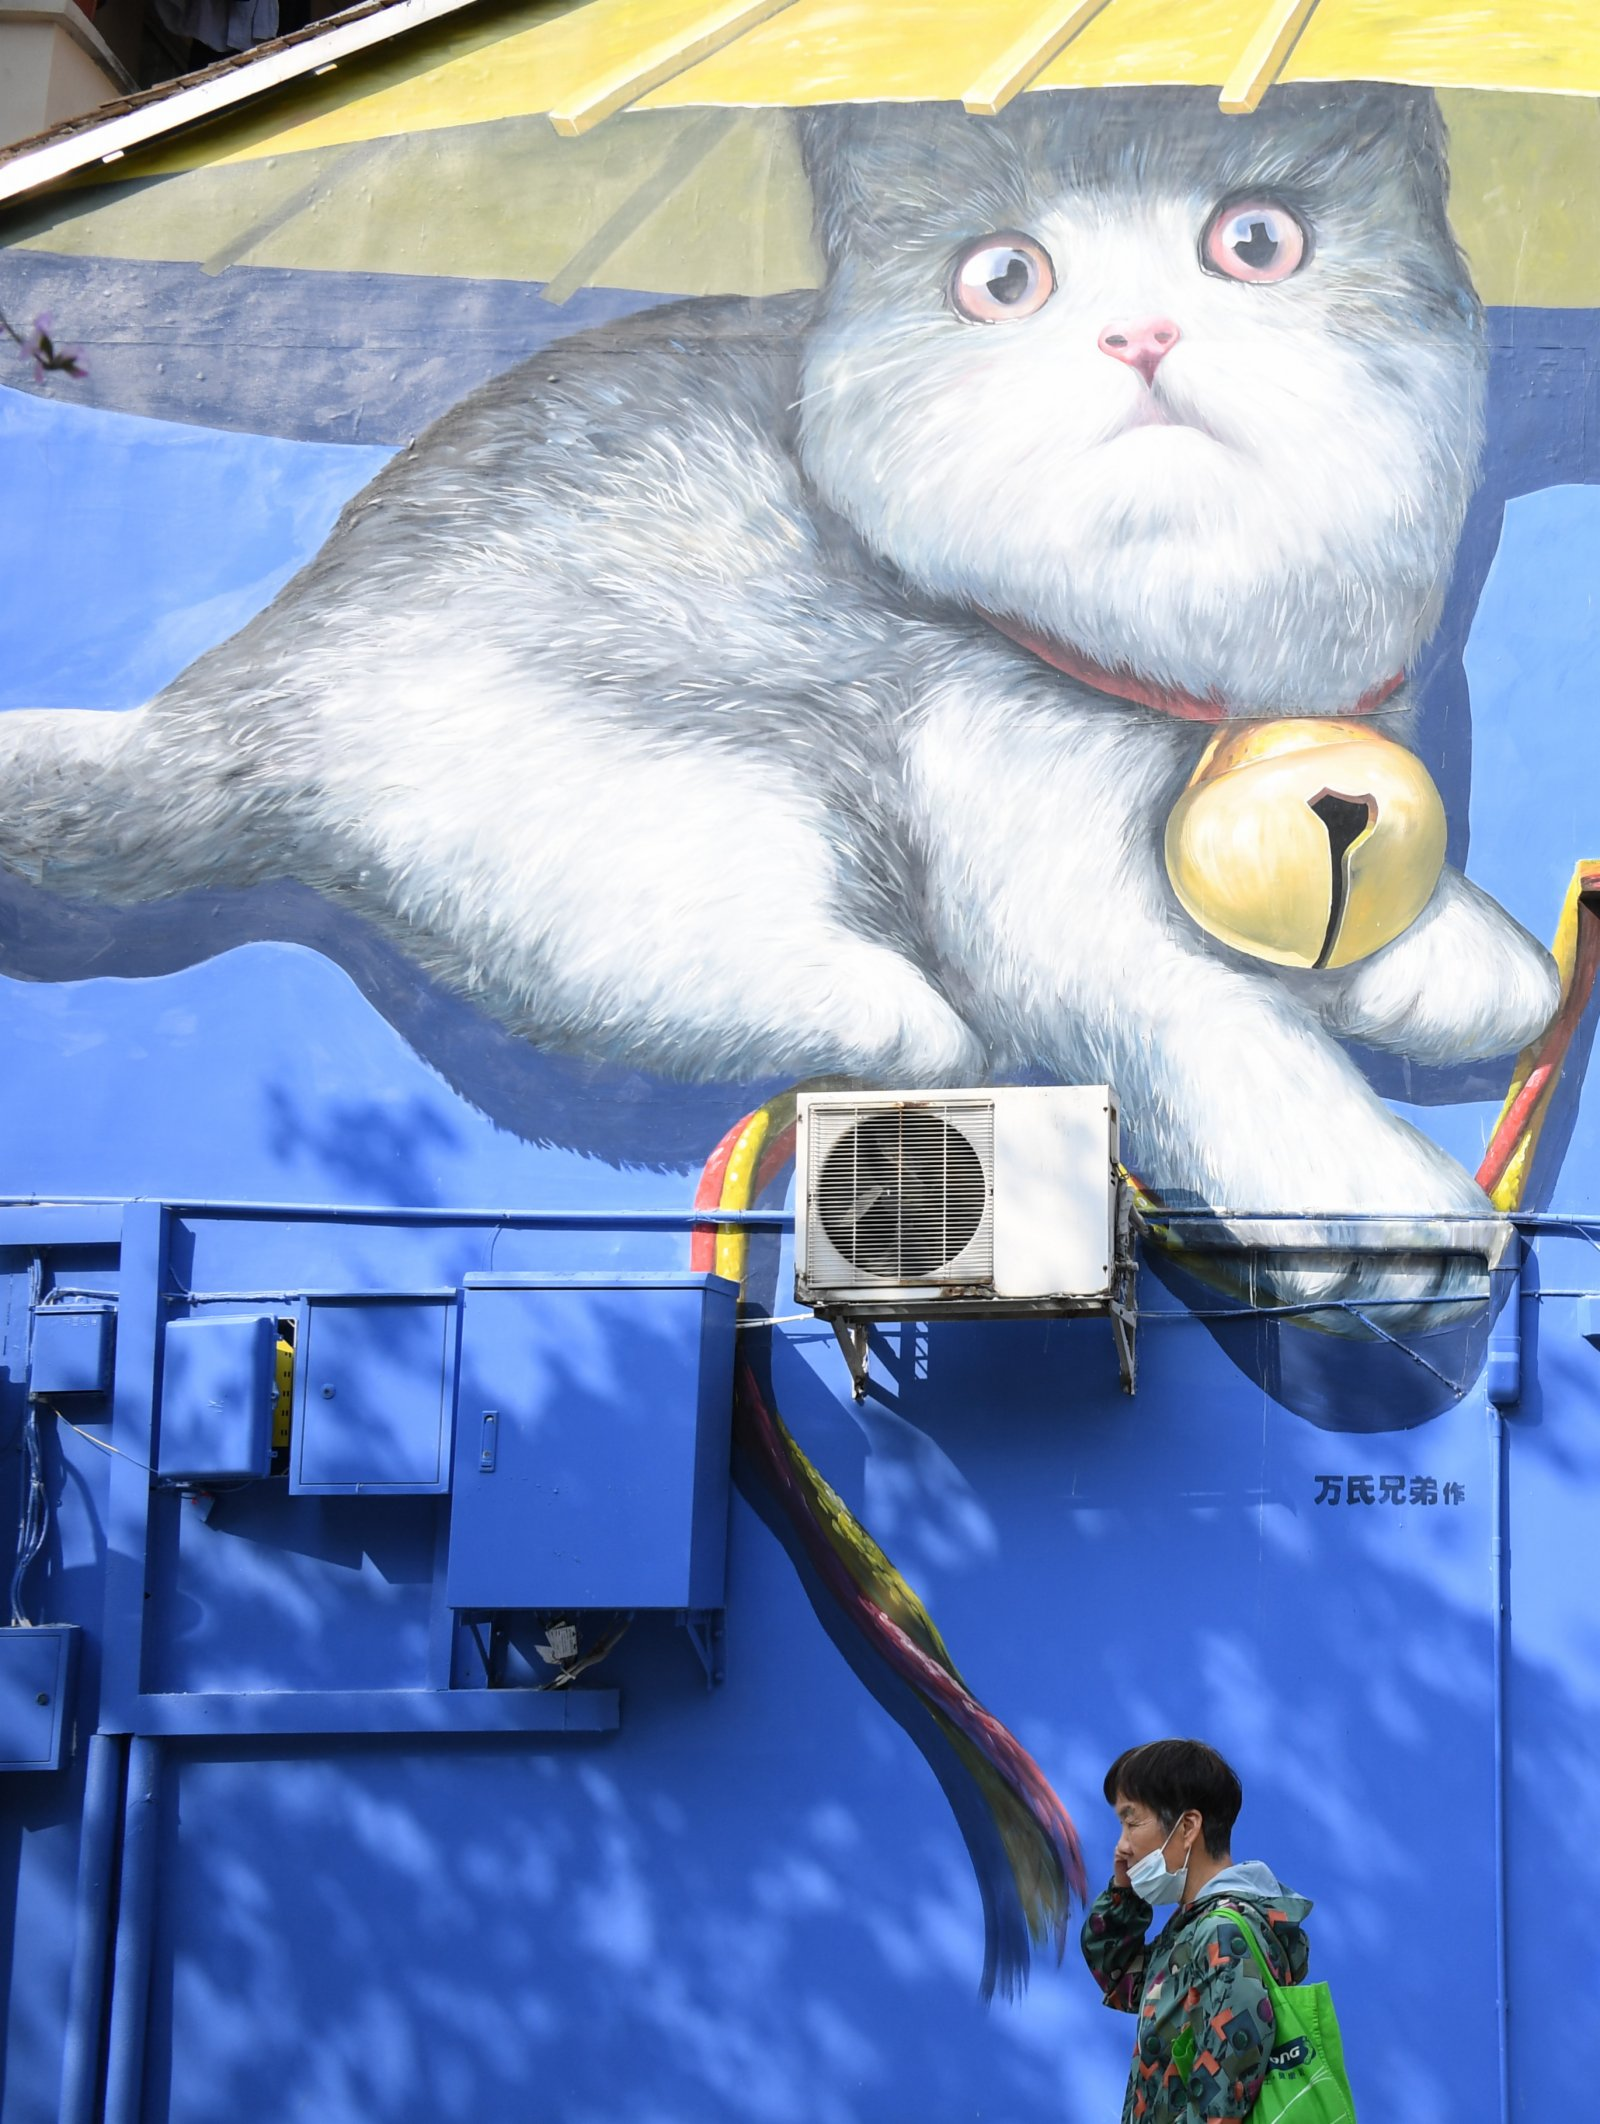 2月23日,市民在廣州越秀區府學西街的一處塗鴉牆拍照留念。(新華社)